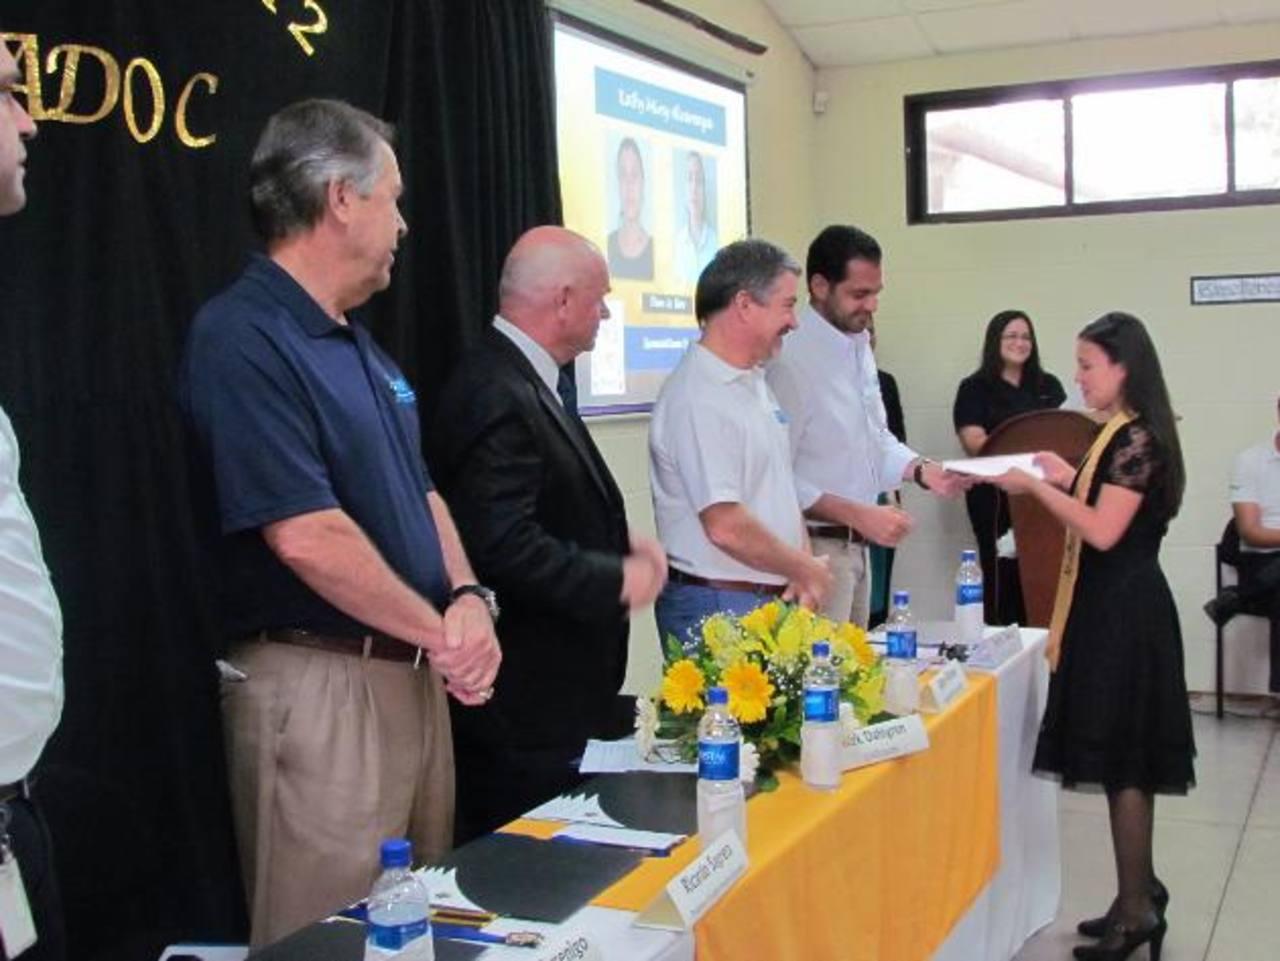 Izquierda a derecha: Ricardo Sagrera, presidente y fundador del Programa ¡Supérate!; Kirk Dahlgren, director de USAID; Jaime Palomo, presidente de Empresas Adoc; Sergio Celasco, miembro del Comité del Centro ¡Supérate! Adoc, en la entrega de diplomas